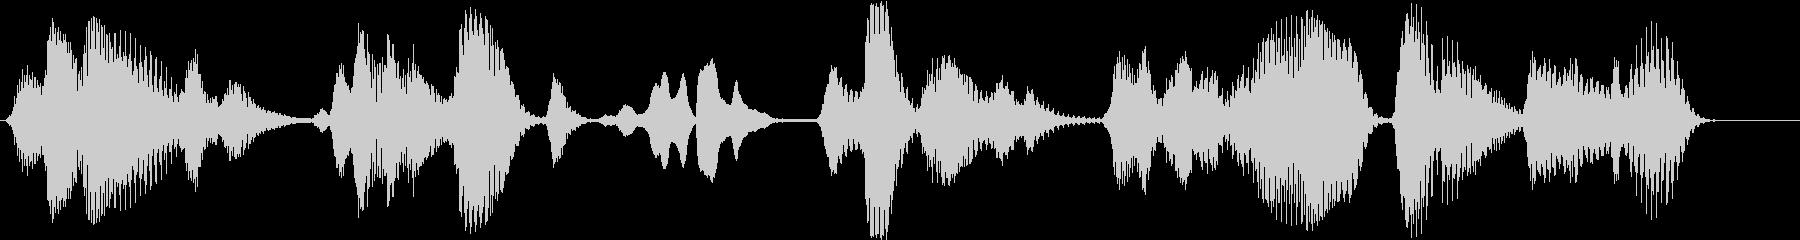 失われた電気音声通信の未再生の波形